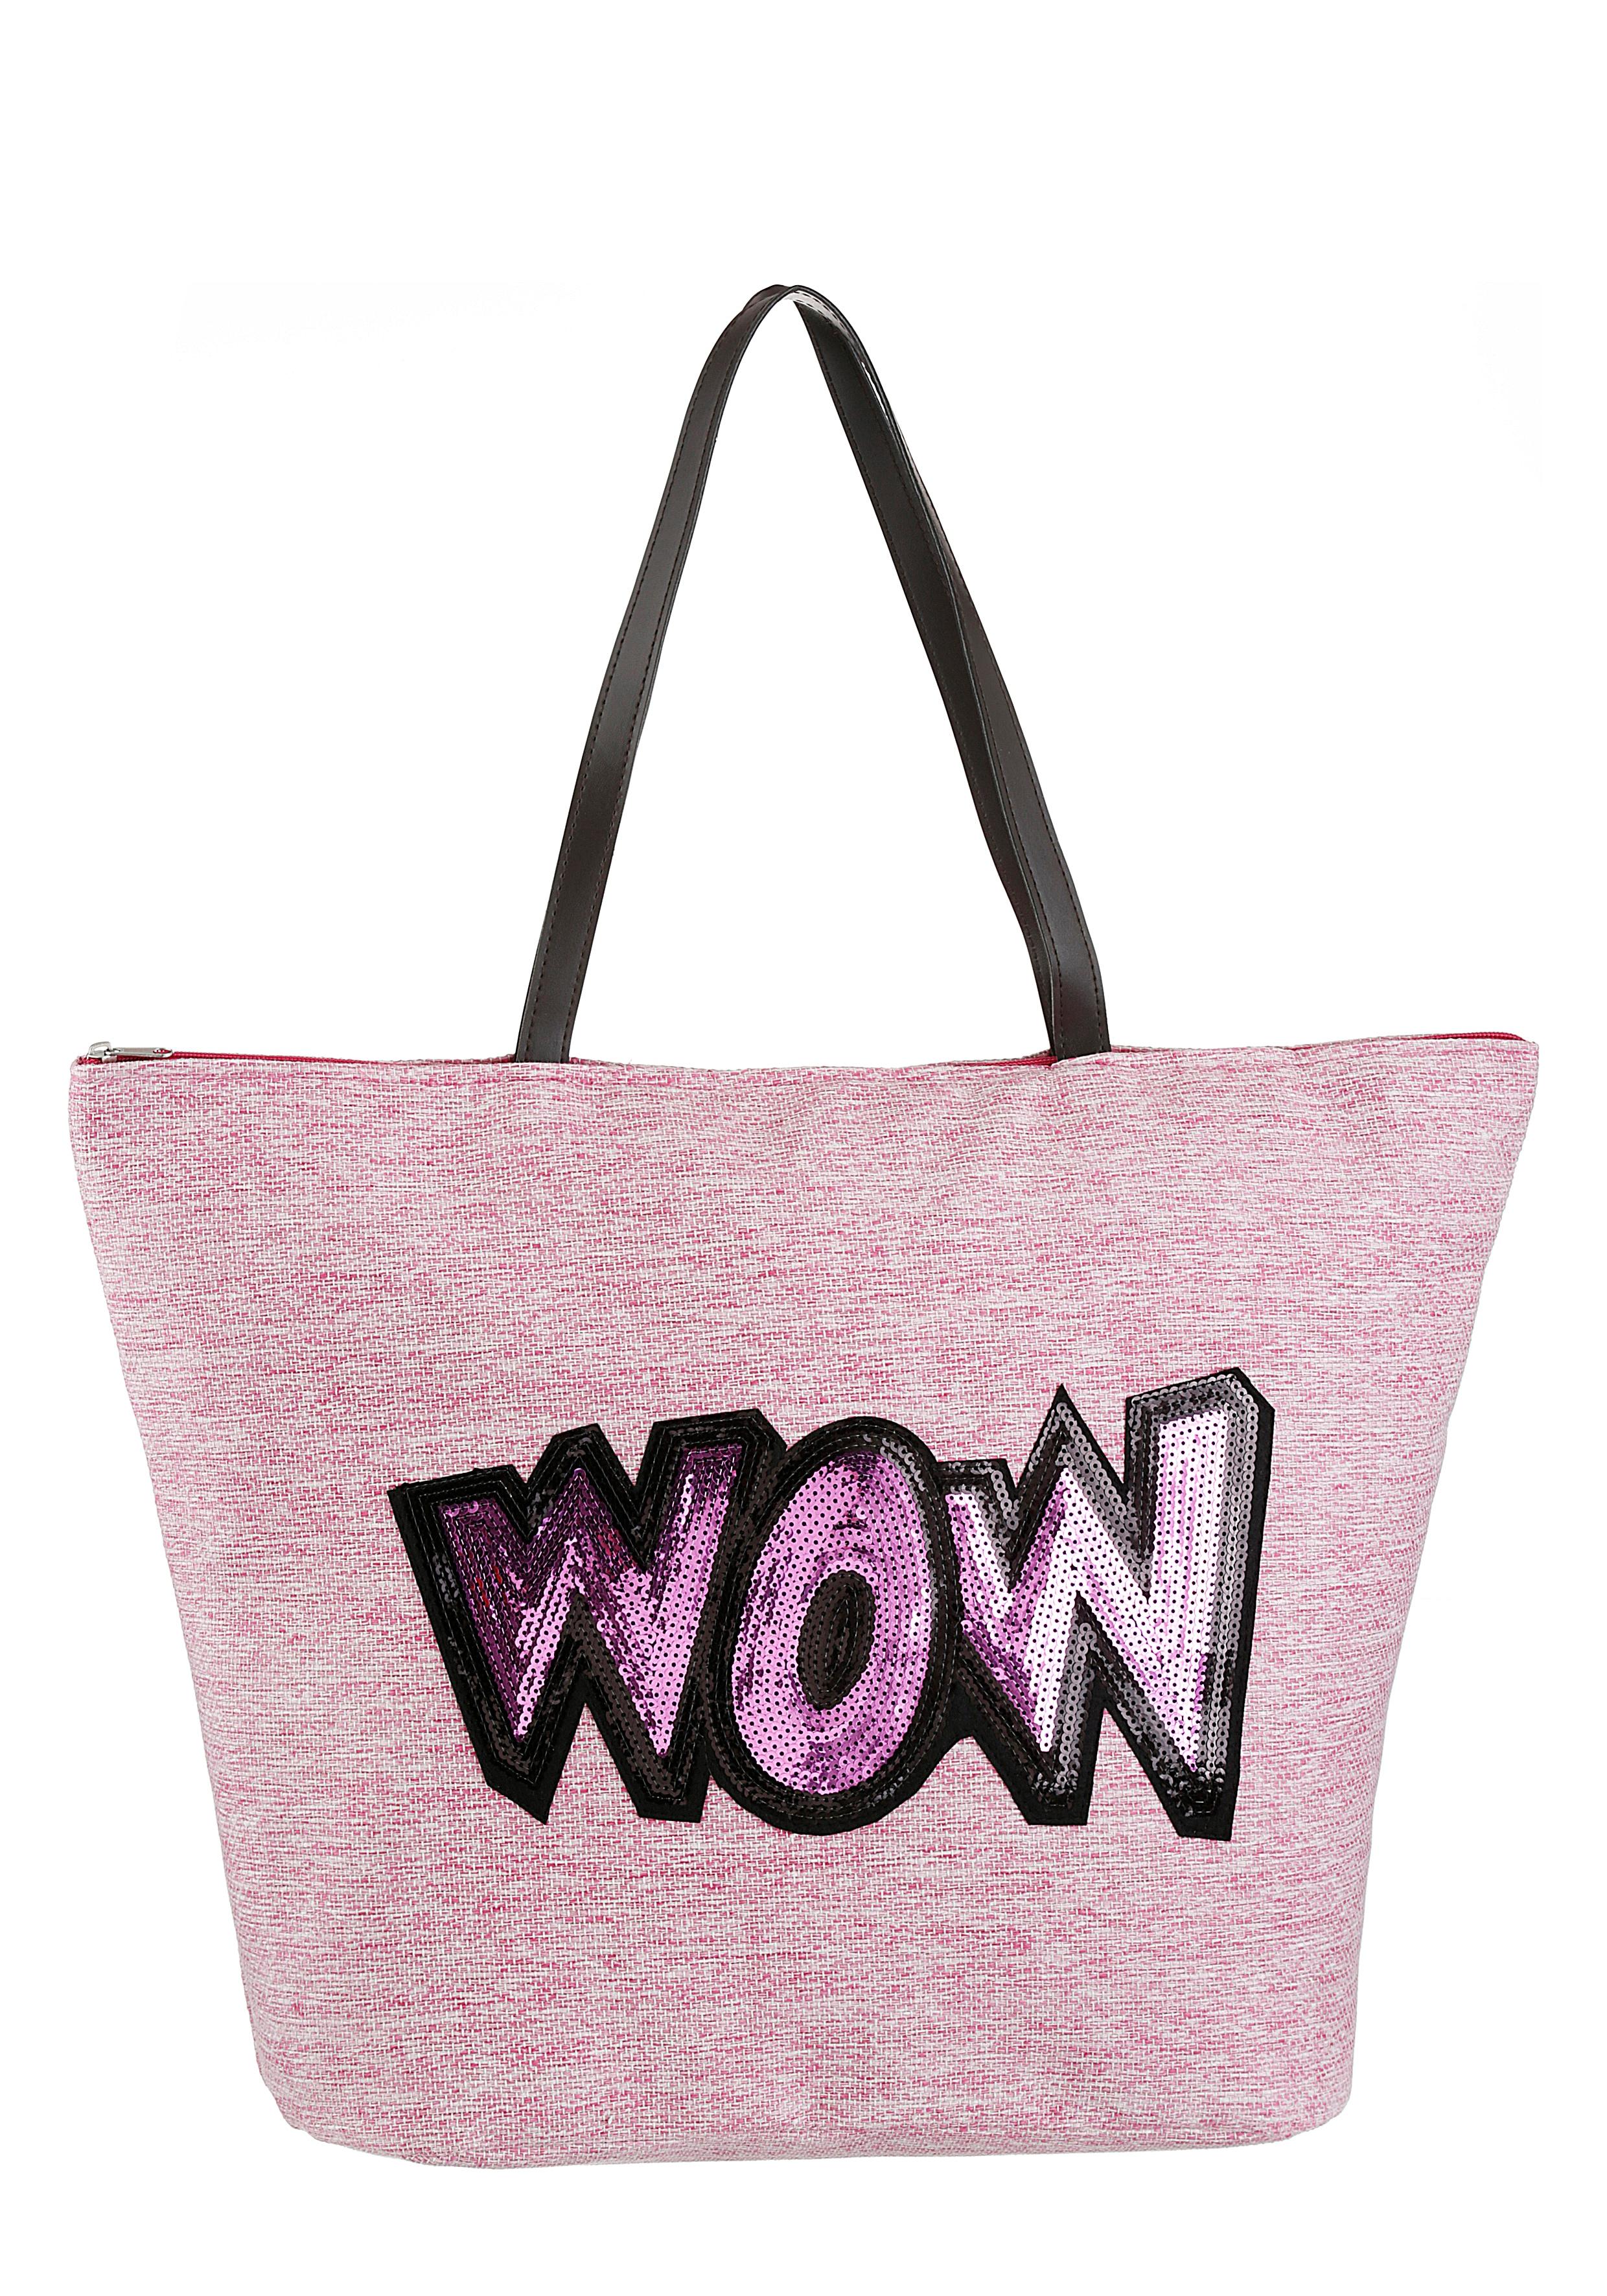 fabrizio -  Strandtasche, mit modischem Pailetten verziert